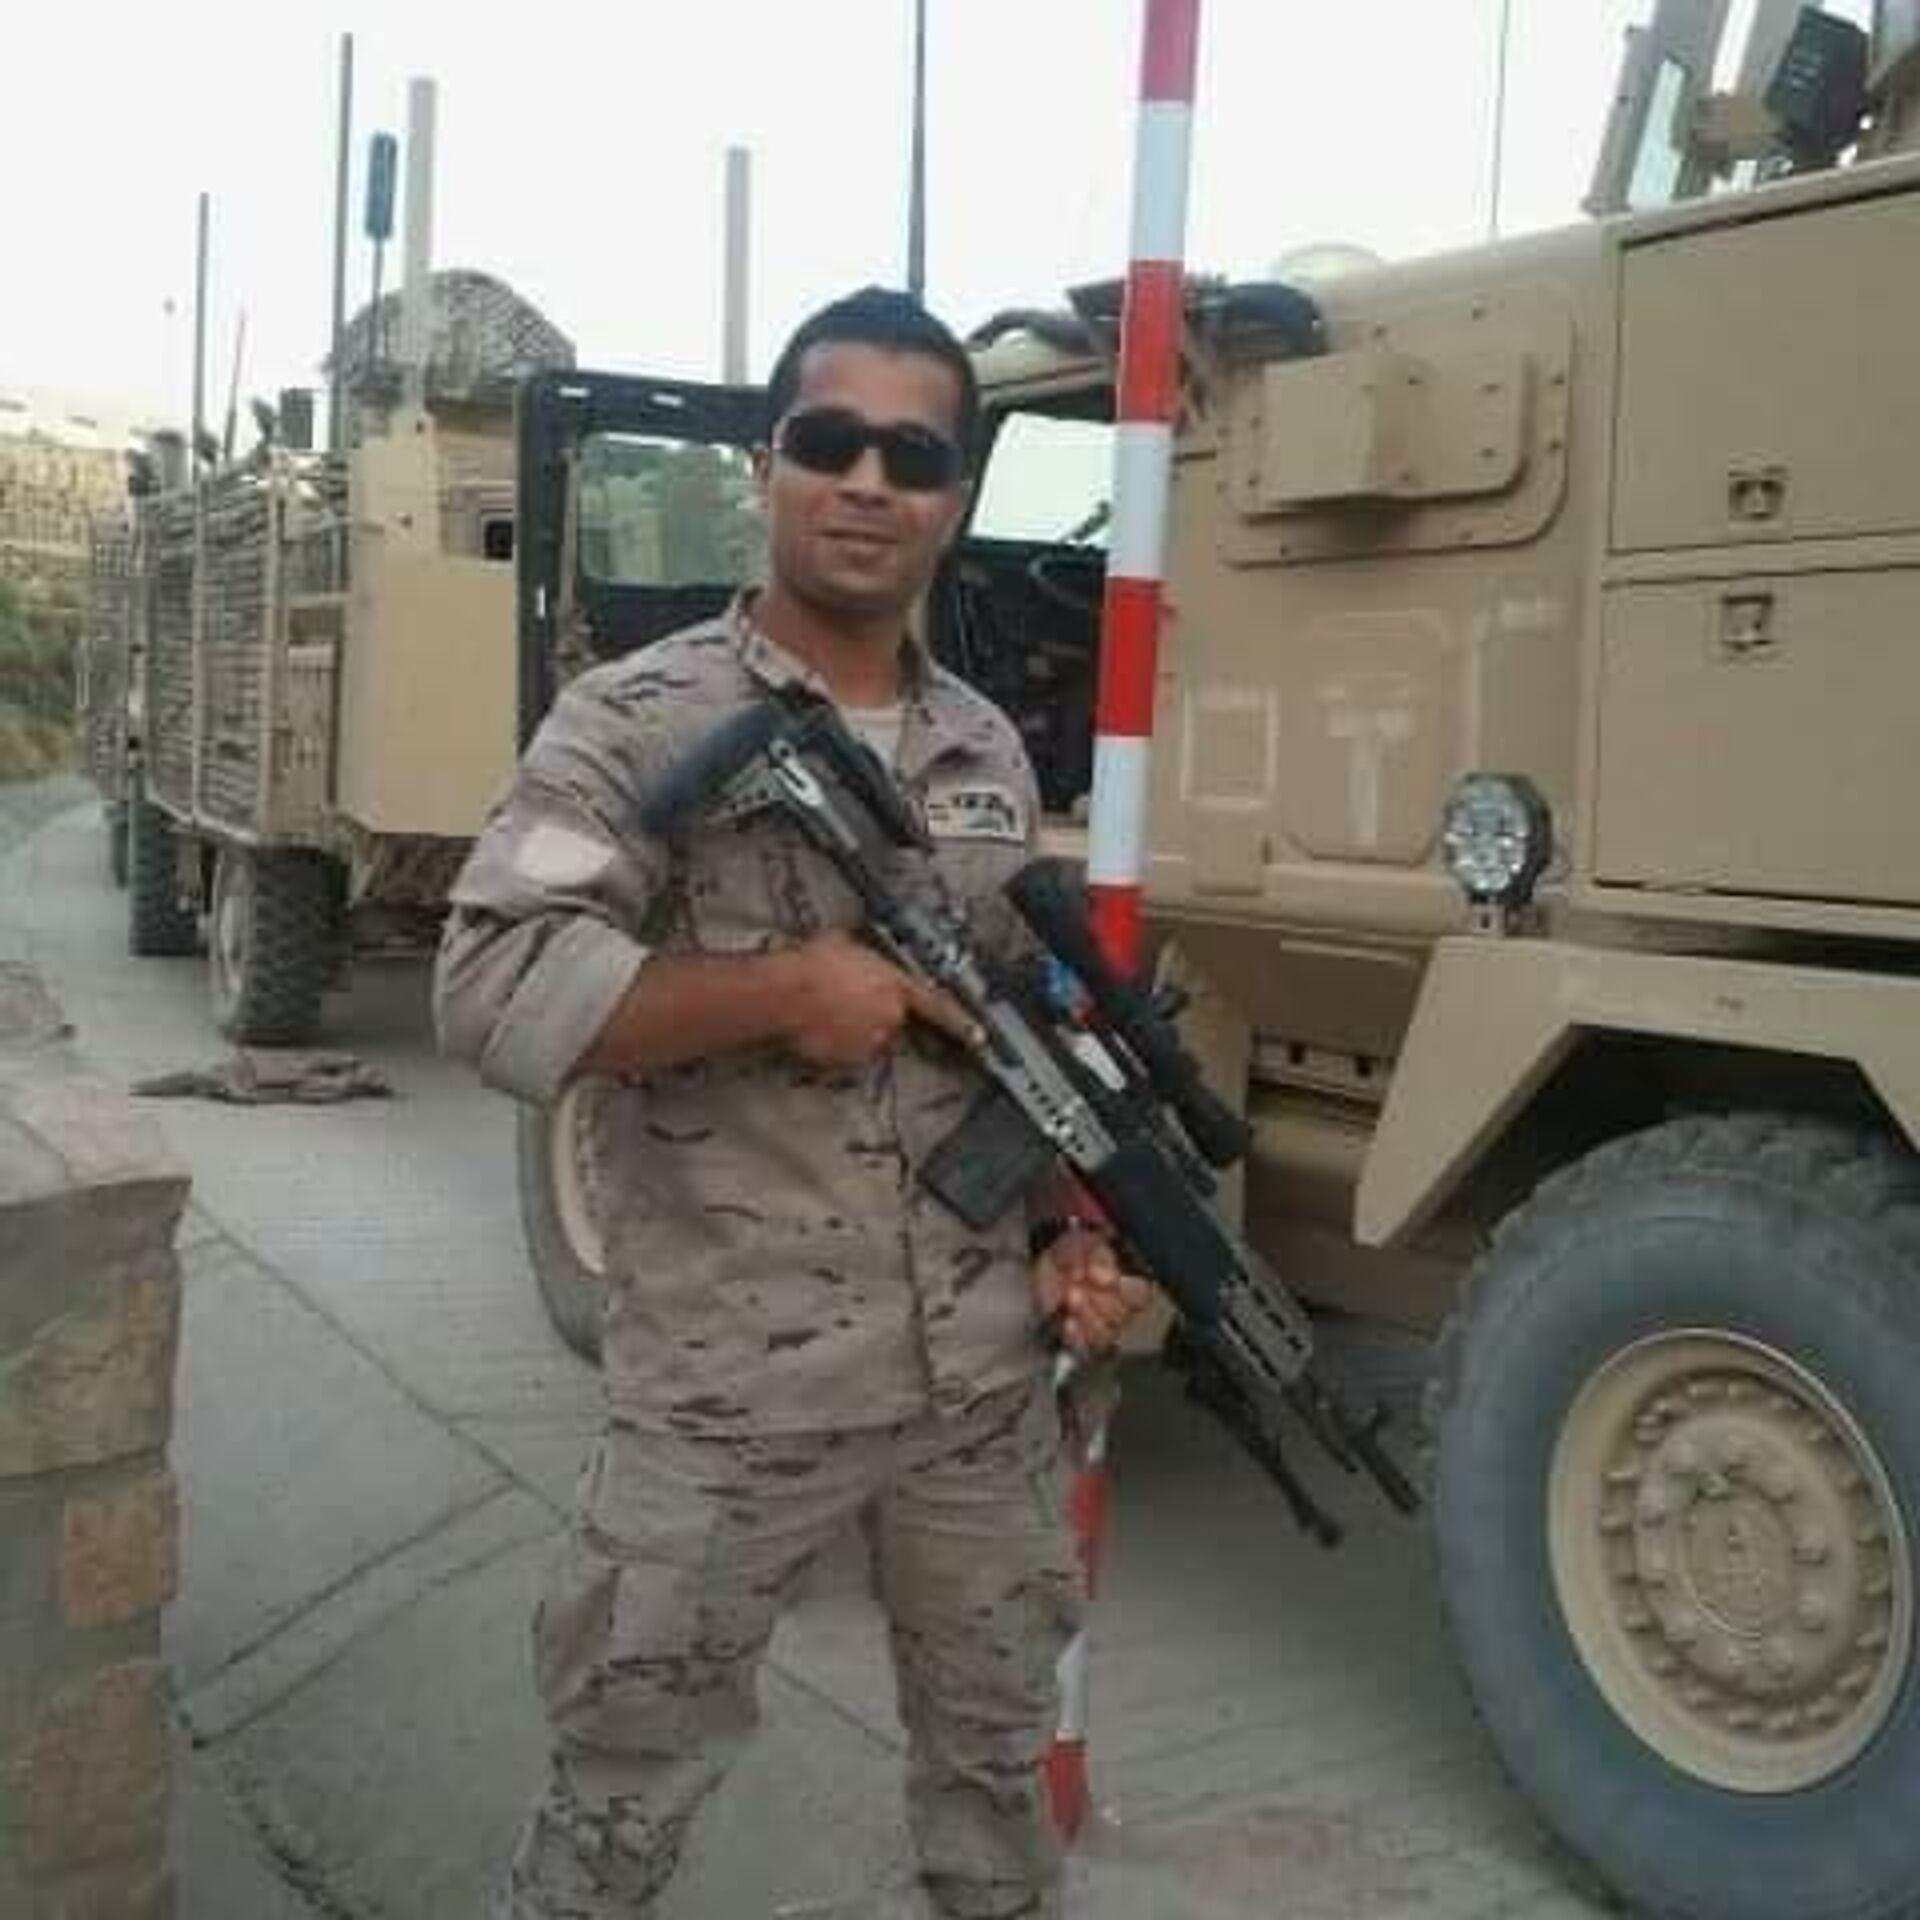 Karwan en su servicio al ejército español como intérprete en Afganistán (2007–2013) - Sputnik Mundo, 1920, 23.08.2021